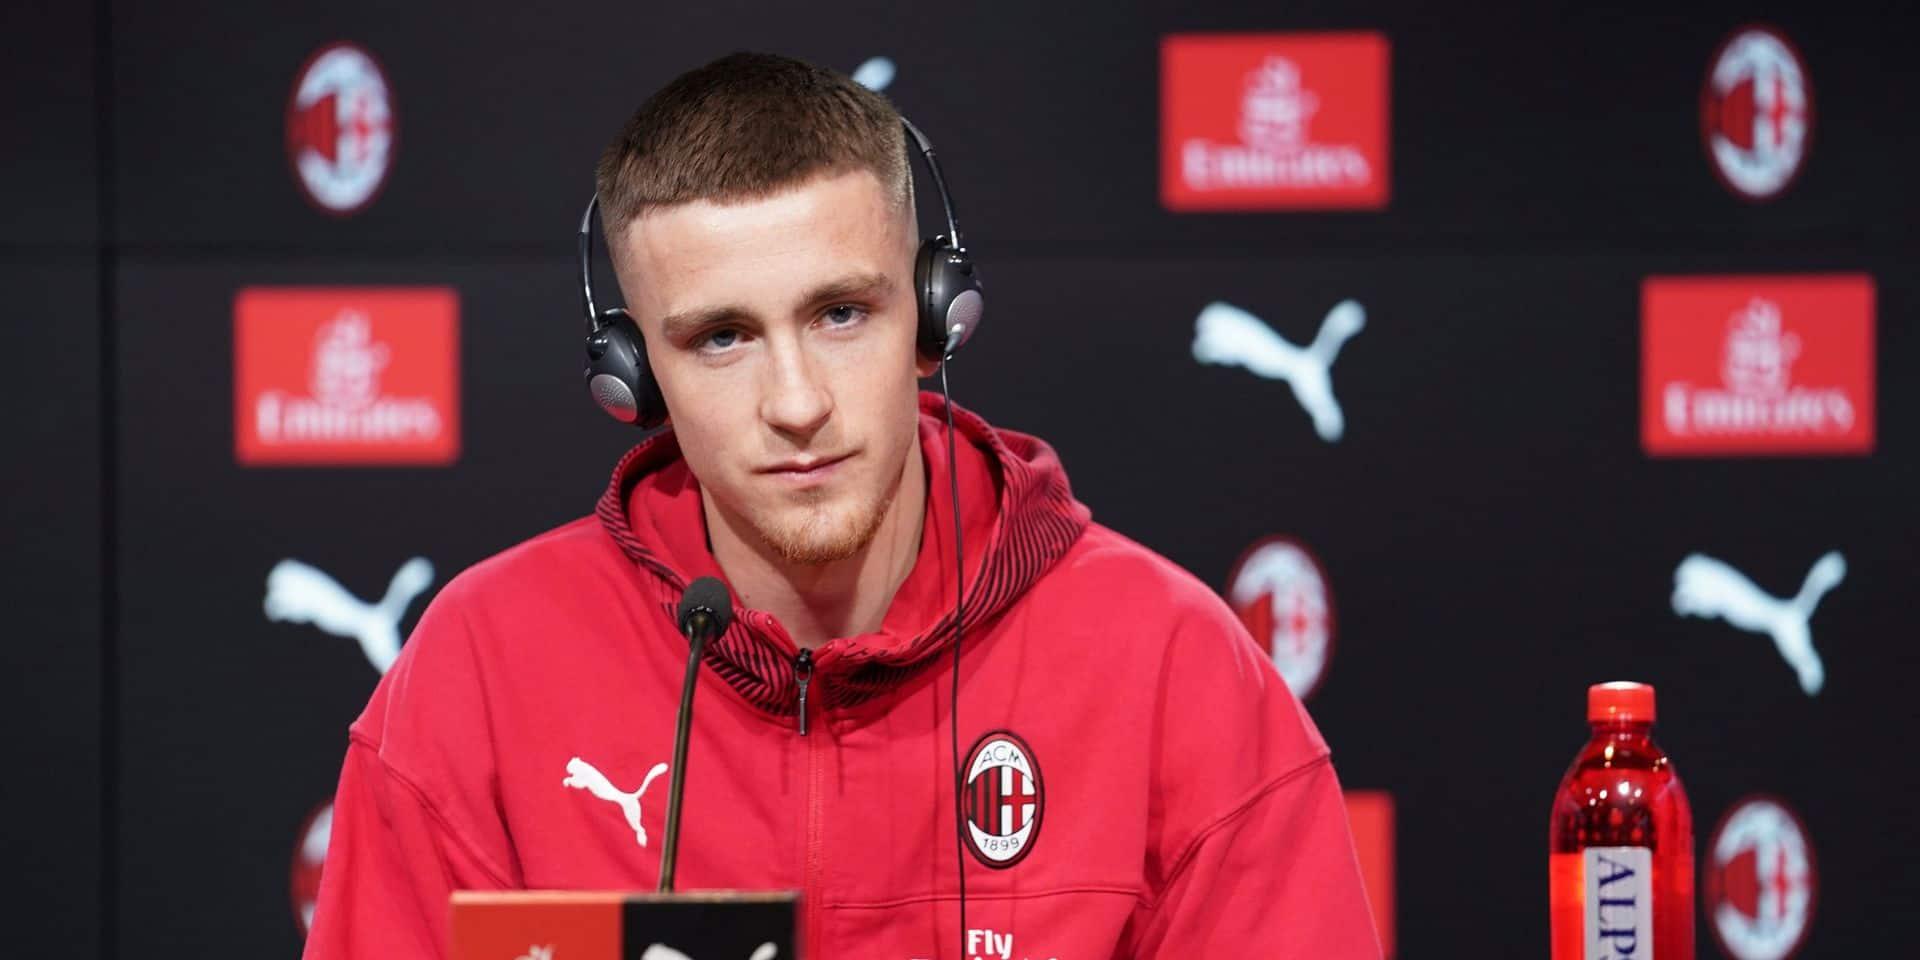 Journal du mercato (01/07) : l'AC Milan lève l'option d'achat de Saelemaekers, Jonathan David futur remplaçant d'Osimhen ?